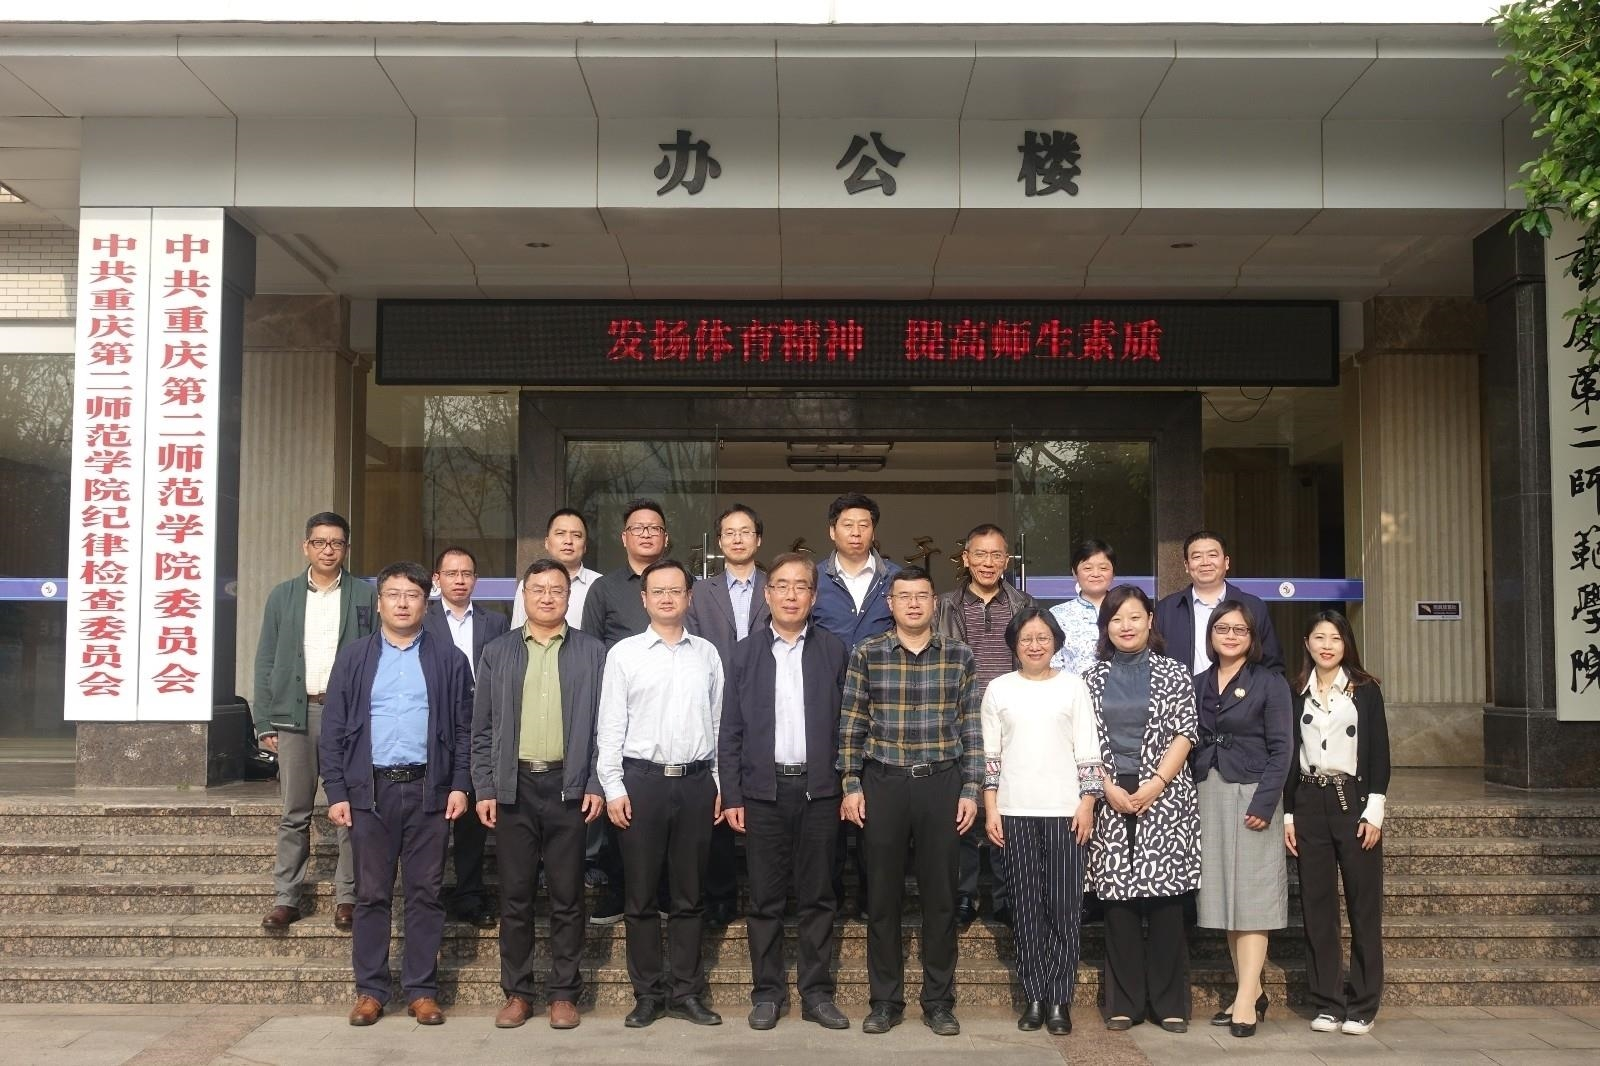 孙先科校长一行赴重庆第二师范学院、西南科技大学城市学院考察调